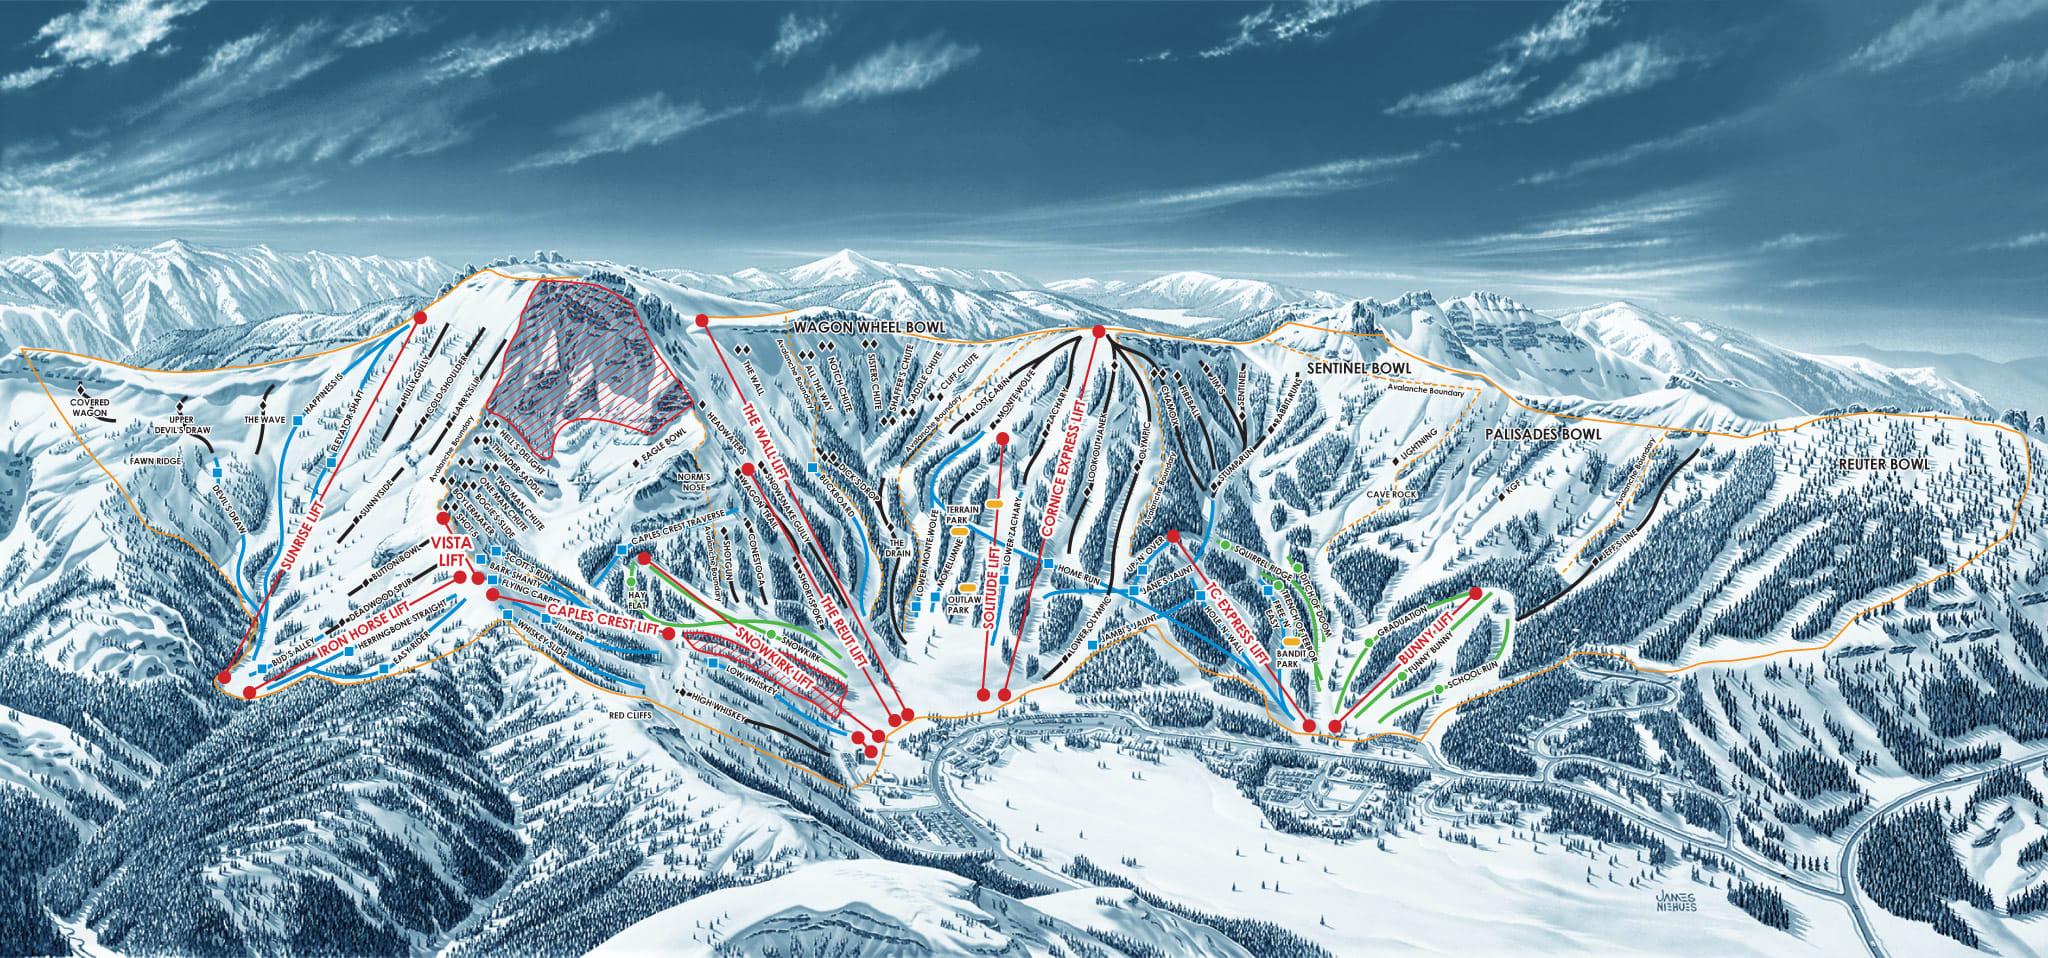 Trail Map | Kirkwood Ski Resort - Kirkwood California Map